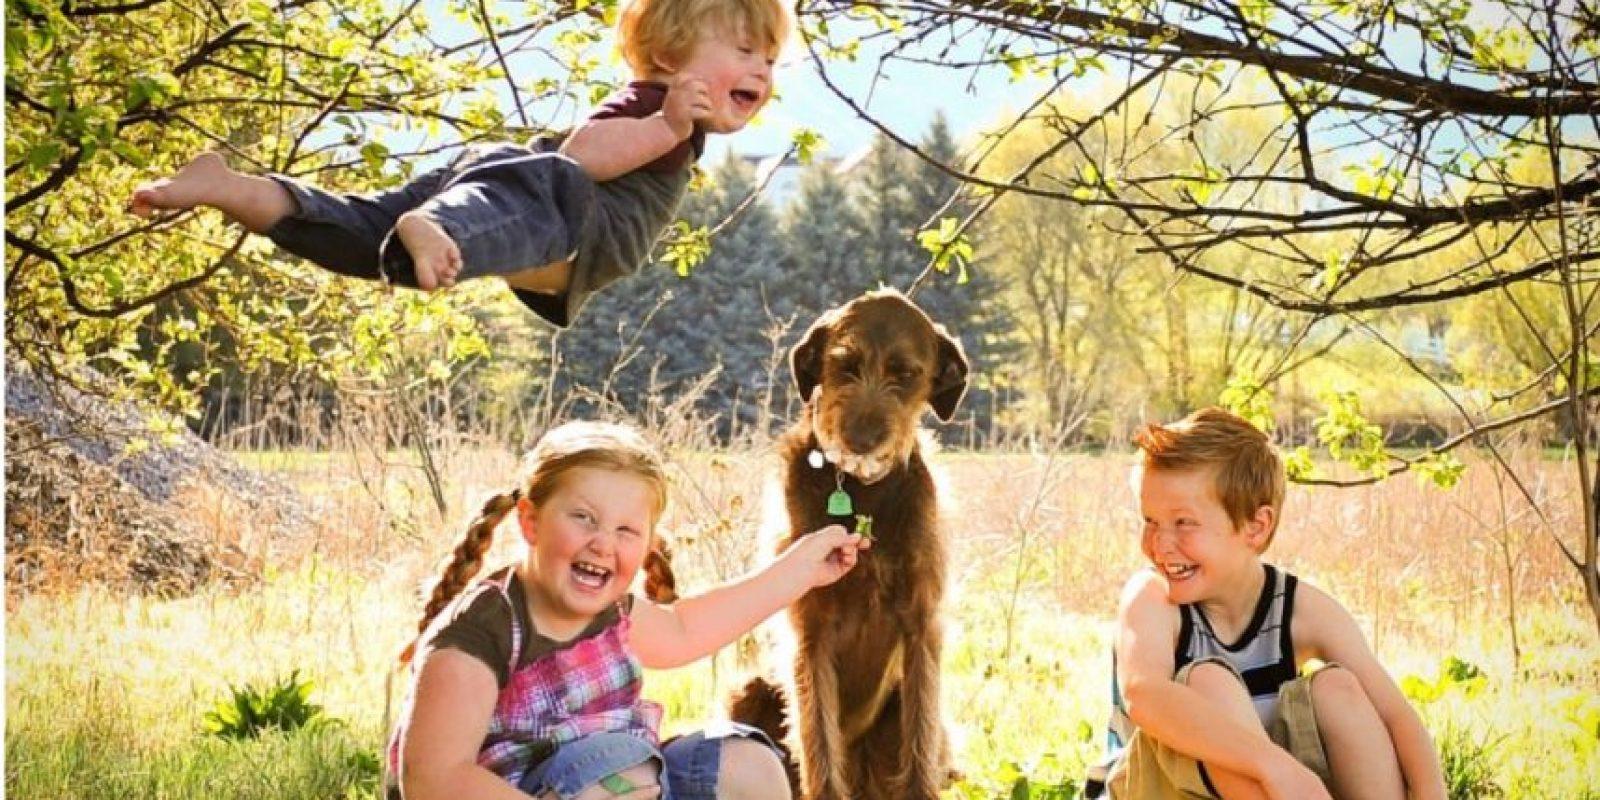 La familia de Will ha compartido estas imágenes para que la gente sepa la felicidad que puede brindar un niño que tienen Síndrome de Down. Foto:Vía thatdadblog.com